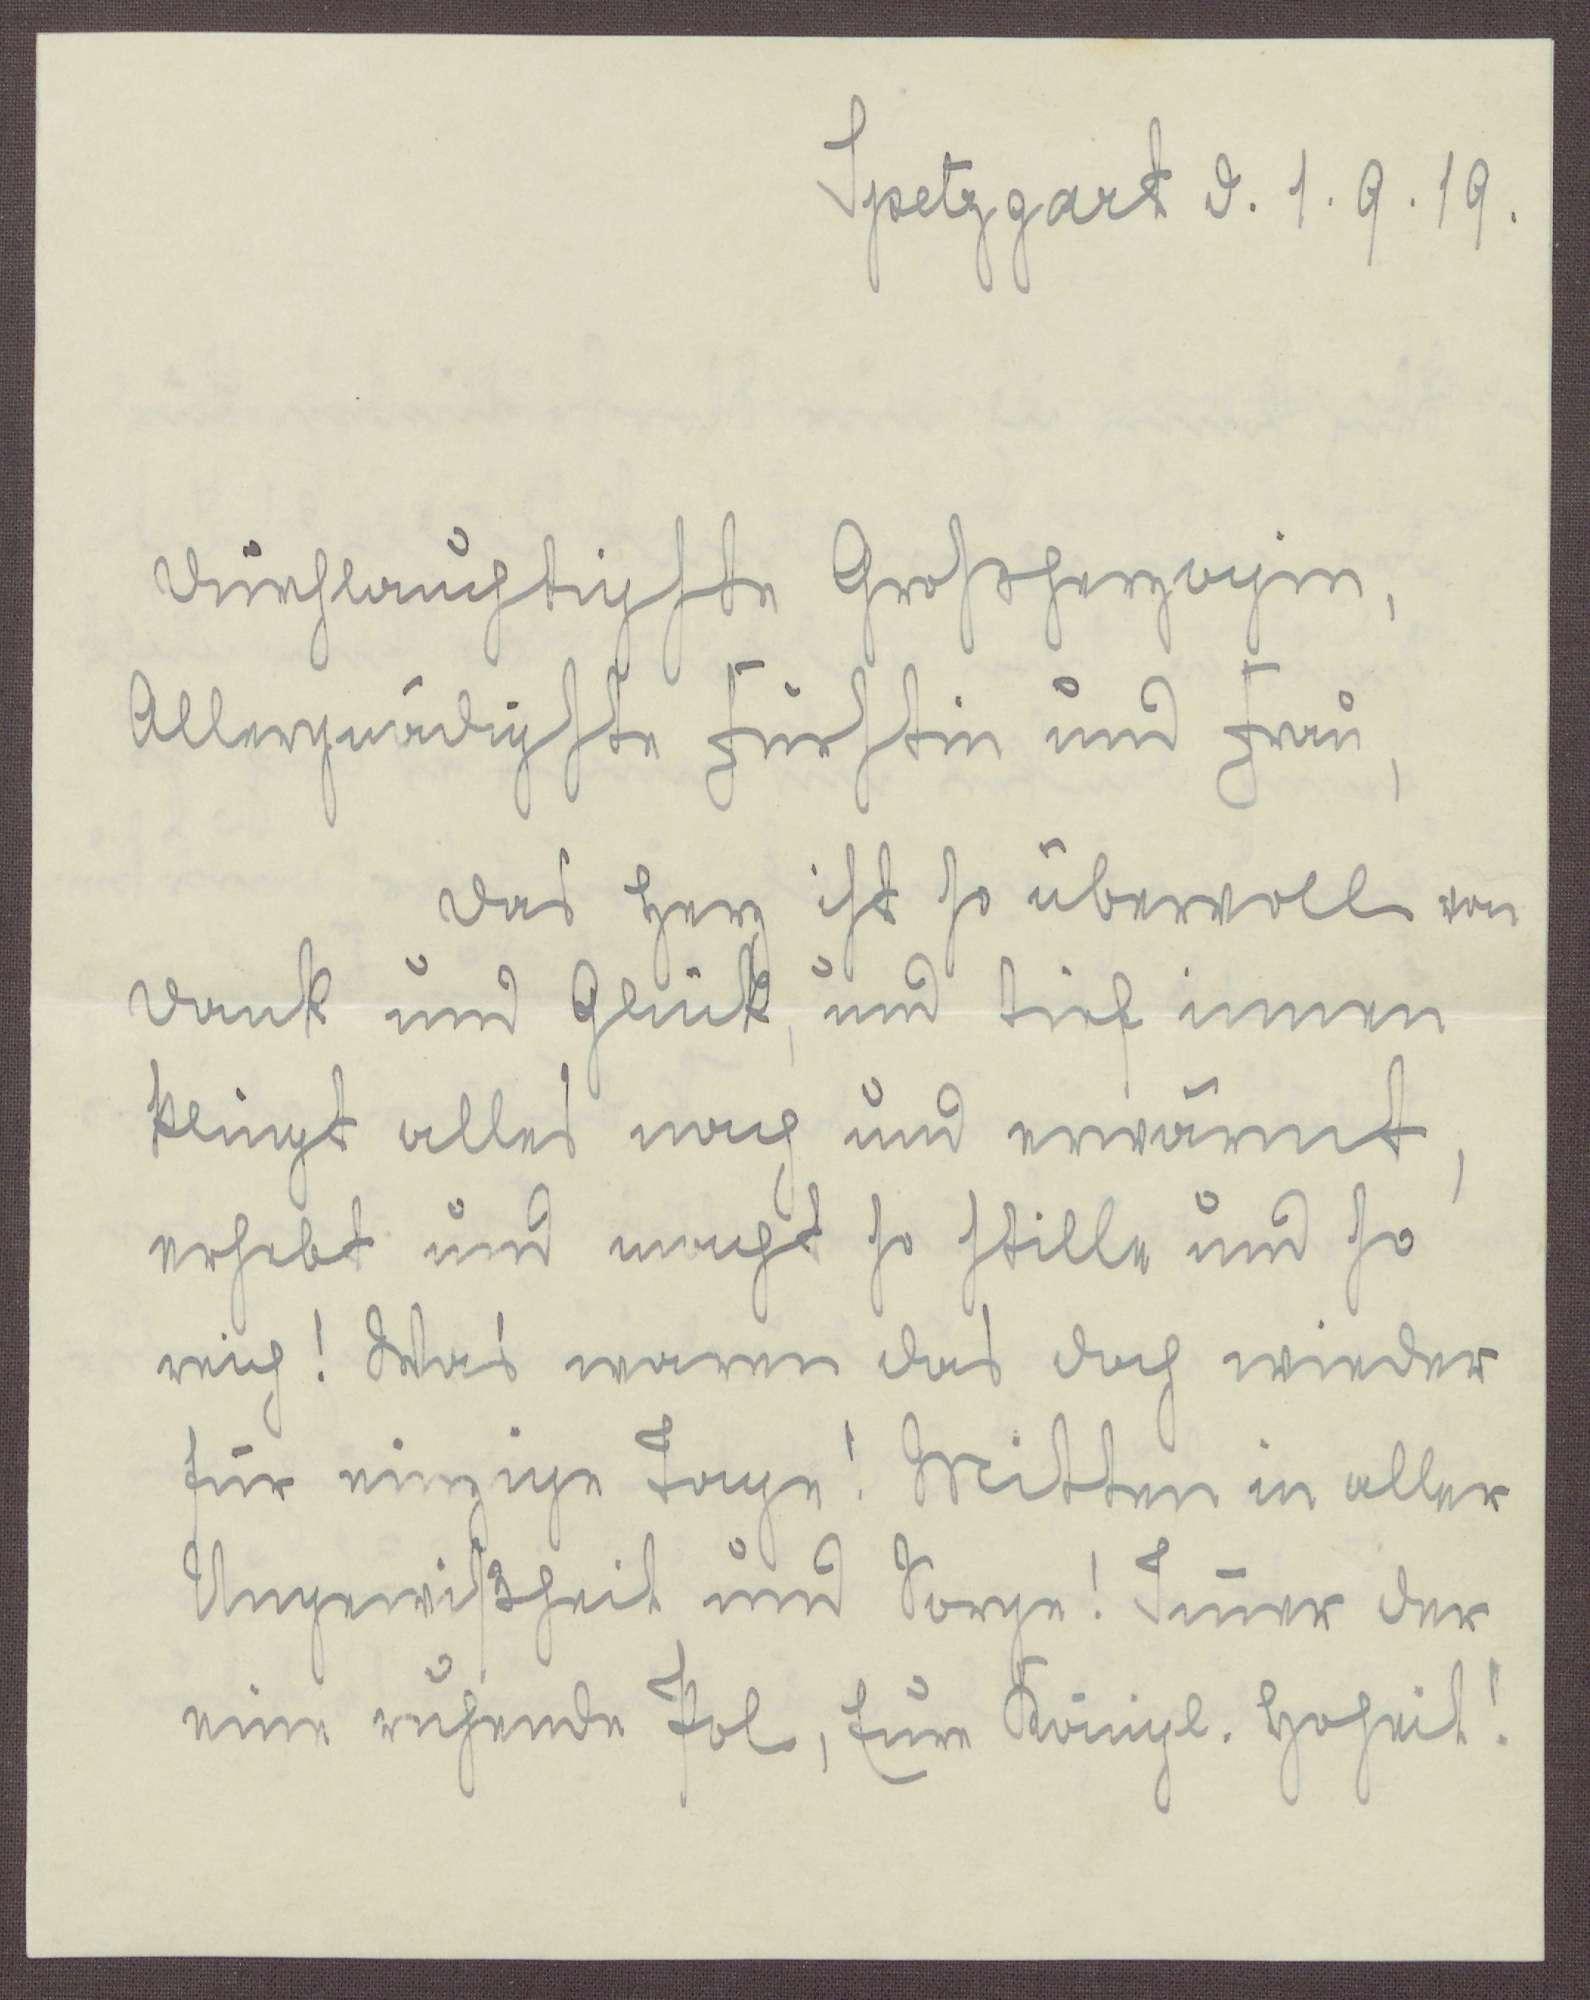 Schreiben von Emilie Göler von Ravensburg an Großherzogin Luise; Dank und Erinnerung an die Tage auf der Insel Mainau, Bild 1